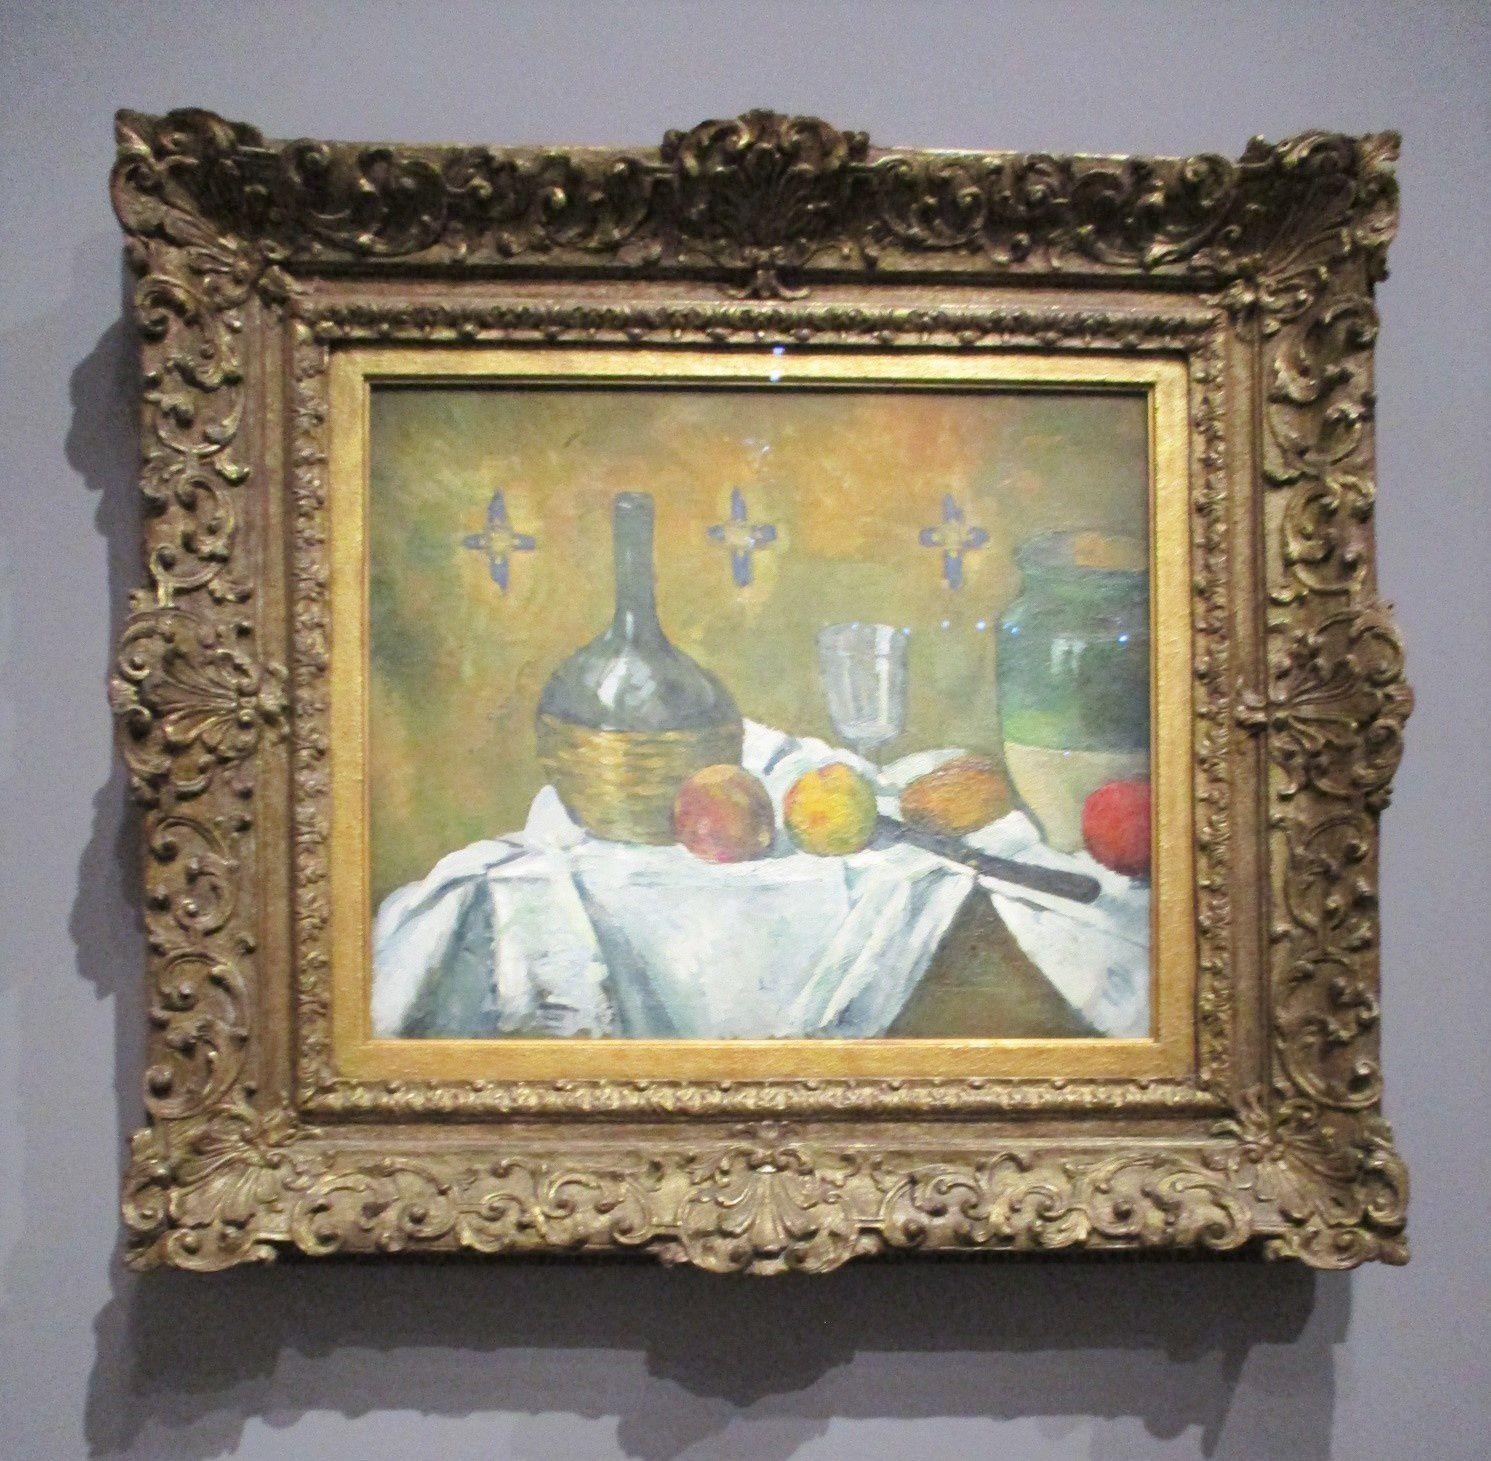 Fiasque, verre et poterie - Paul Cézanne, vers 1877